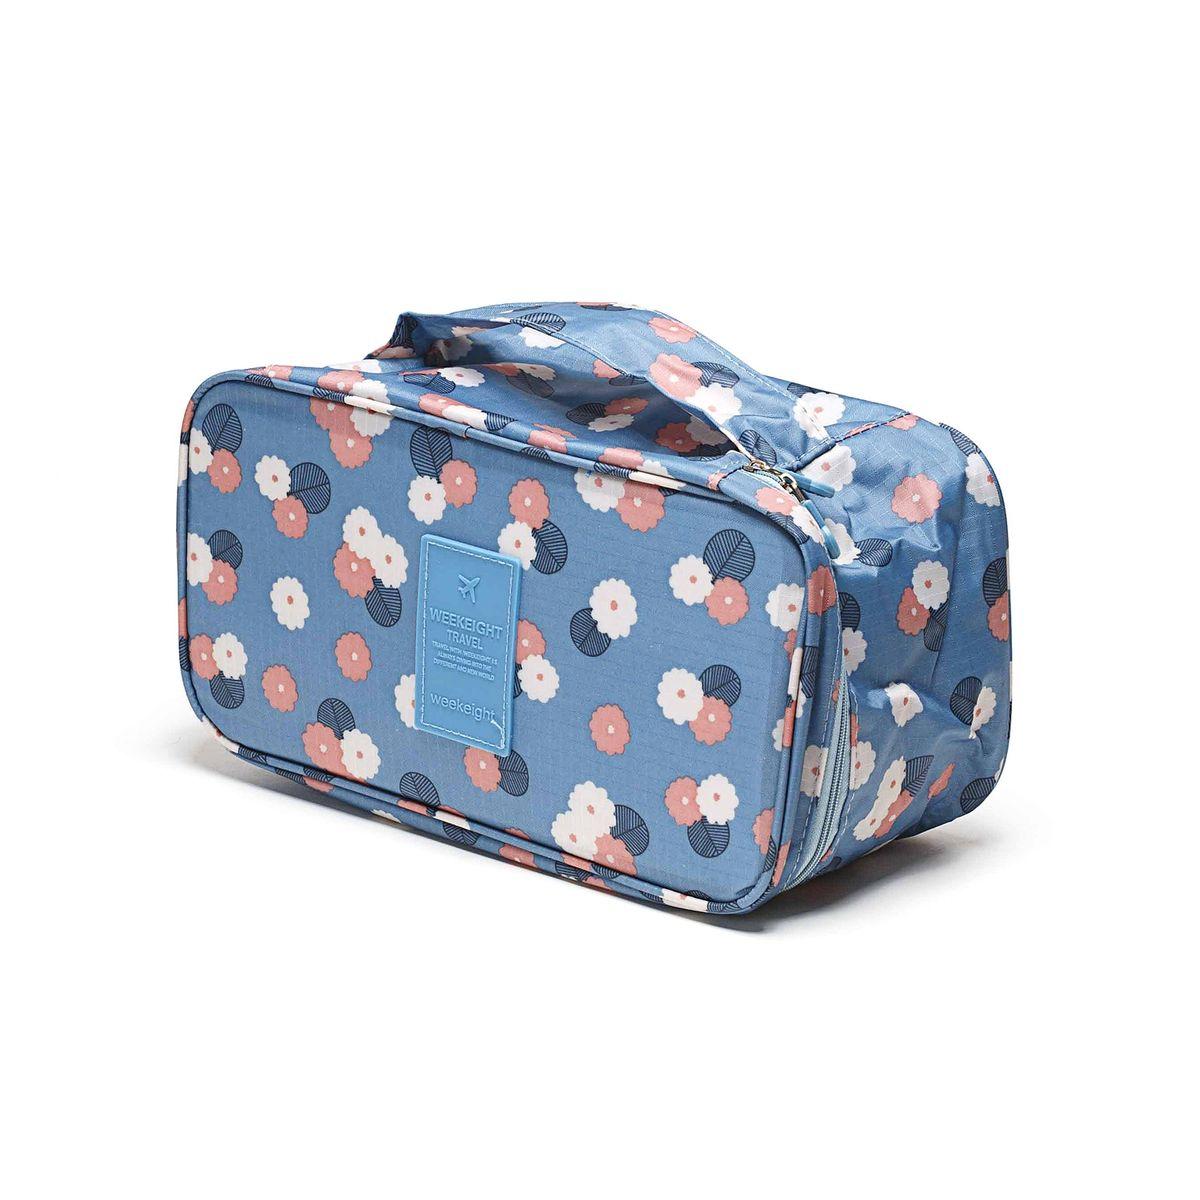 Косметичка-органайзер Homsu Цветок, цвет: синий, белый, розовый, 28 x 13 x 15 смRG-D31SКосметичка-органайзер Homsu Цветок выполнена из высококачественного полиэстера. Закрывается изделие на застежку-молнию. Внутри имеется 4 отделения для мелочей, а также дополнительная сумочка размером 22 х 14 см, которая крепится к косметичке посредством липучки и надежно защищает ваши вещи за счет удобной молнии. Теперь вы сможете всегда брать с собой все, что вам может понадобиться. Сверху органайзера имеется ручка для удобной переноски. Косметичка-органайзер Homsu Цветок станет незаменимым аксессуаром для любой девушки.Размер косметички: 28 х 13 х 15 см. Размер сумочки: 22 х 14 см.